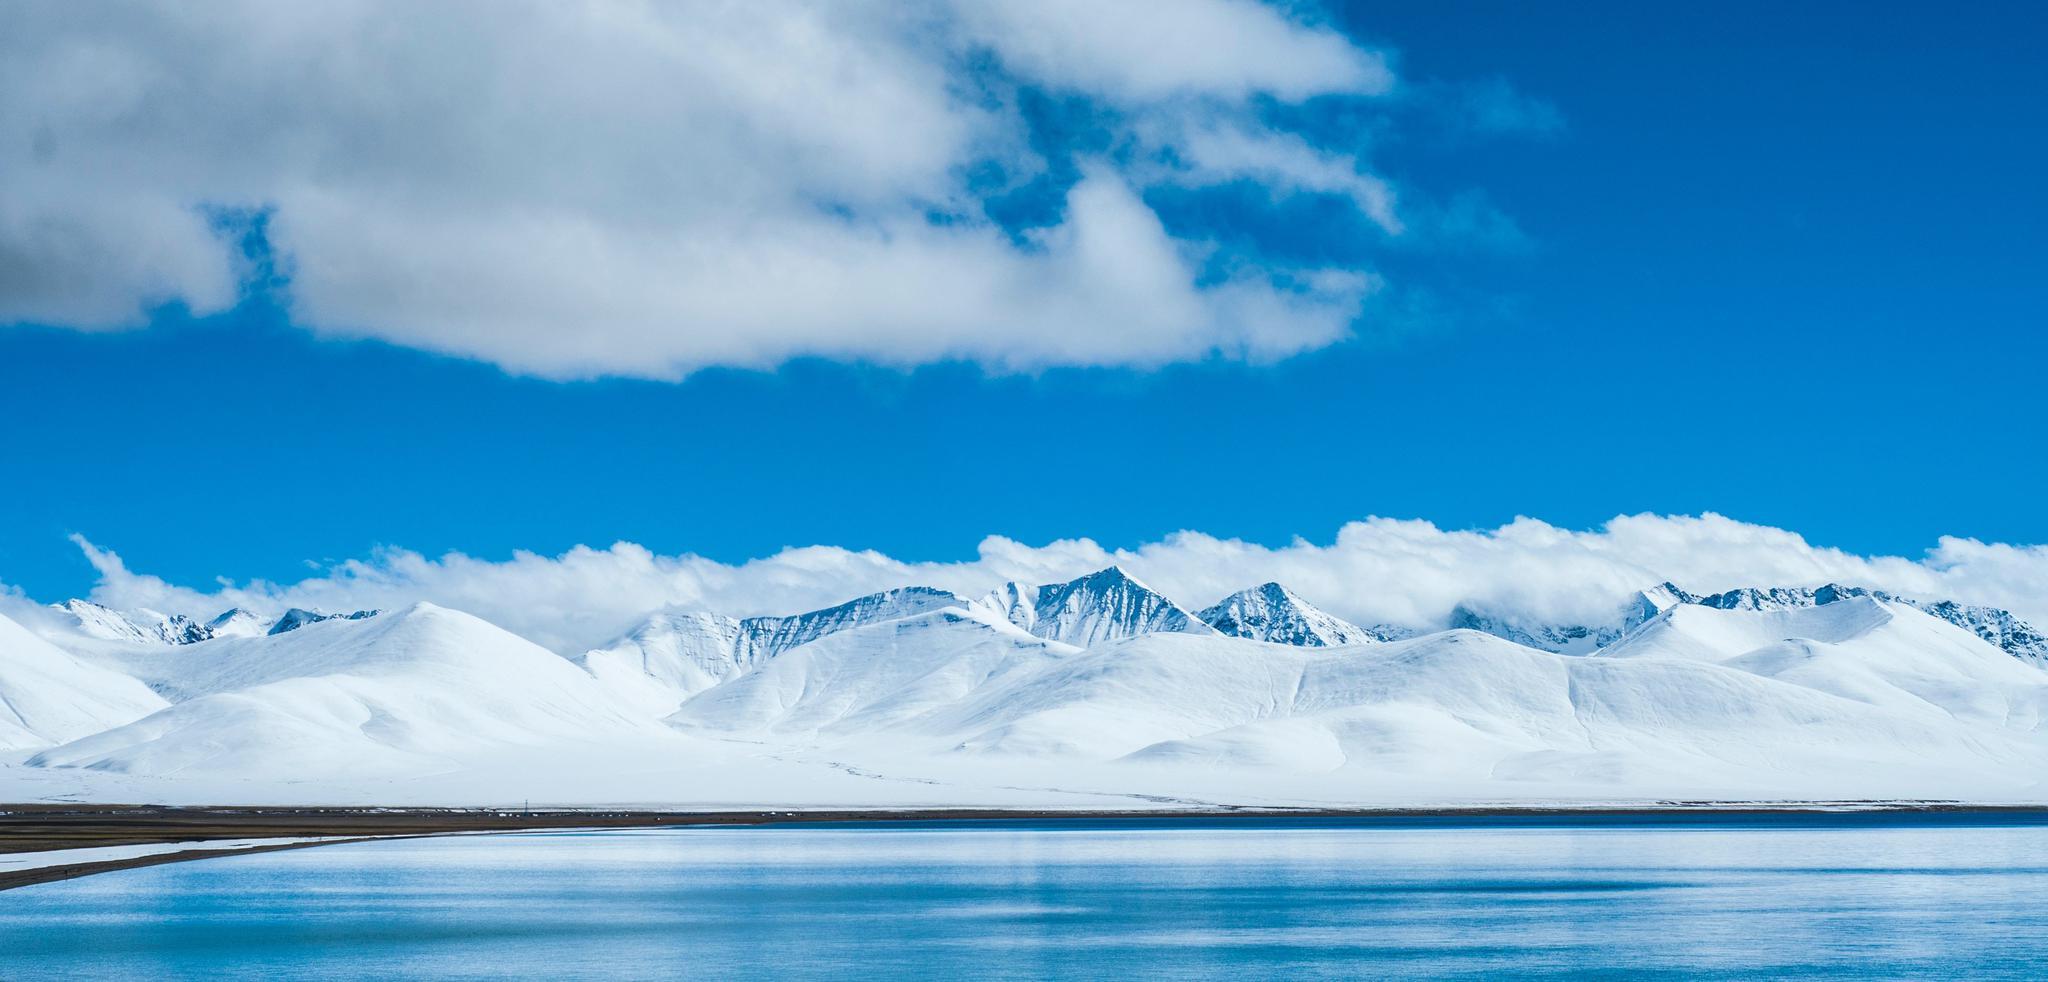 纳木错,油画般的极净纯蓝,视觉的享受~☁️